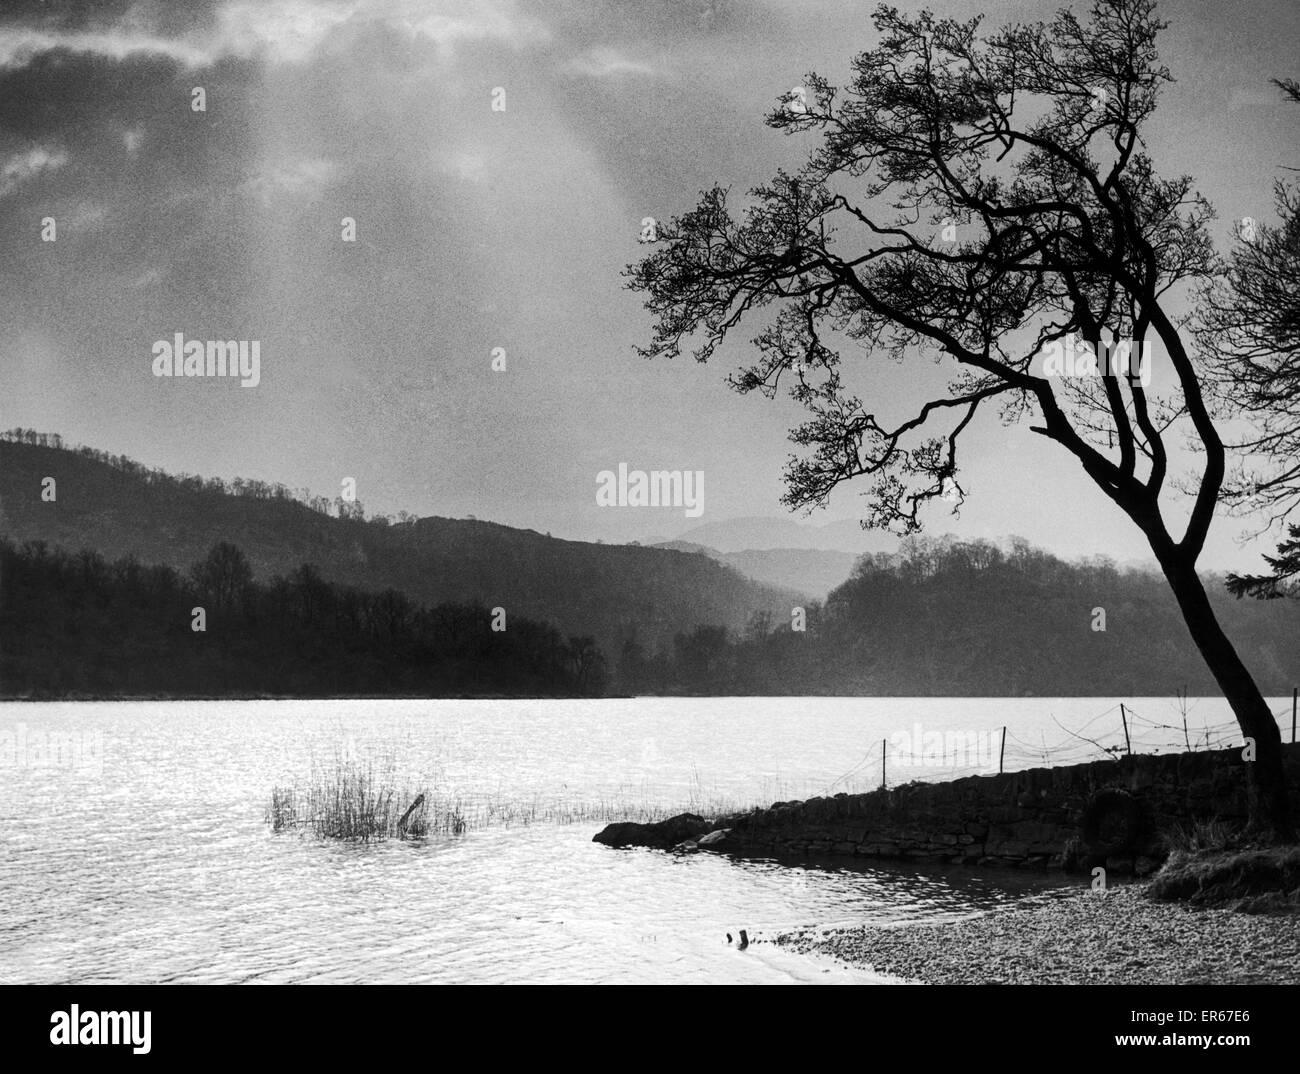 The sun breaks through a heavy sky over Loch Ard near Aberfoyle 14th March 1953 - Stock Image